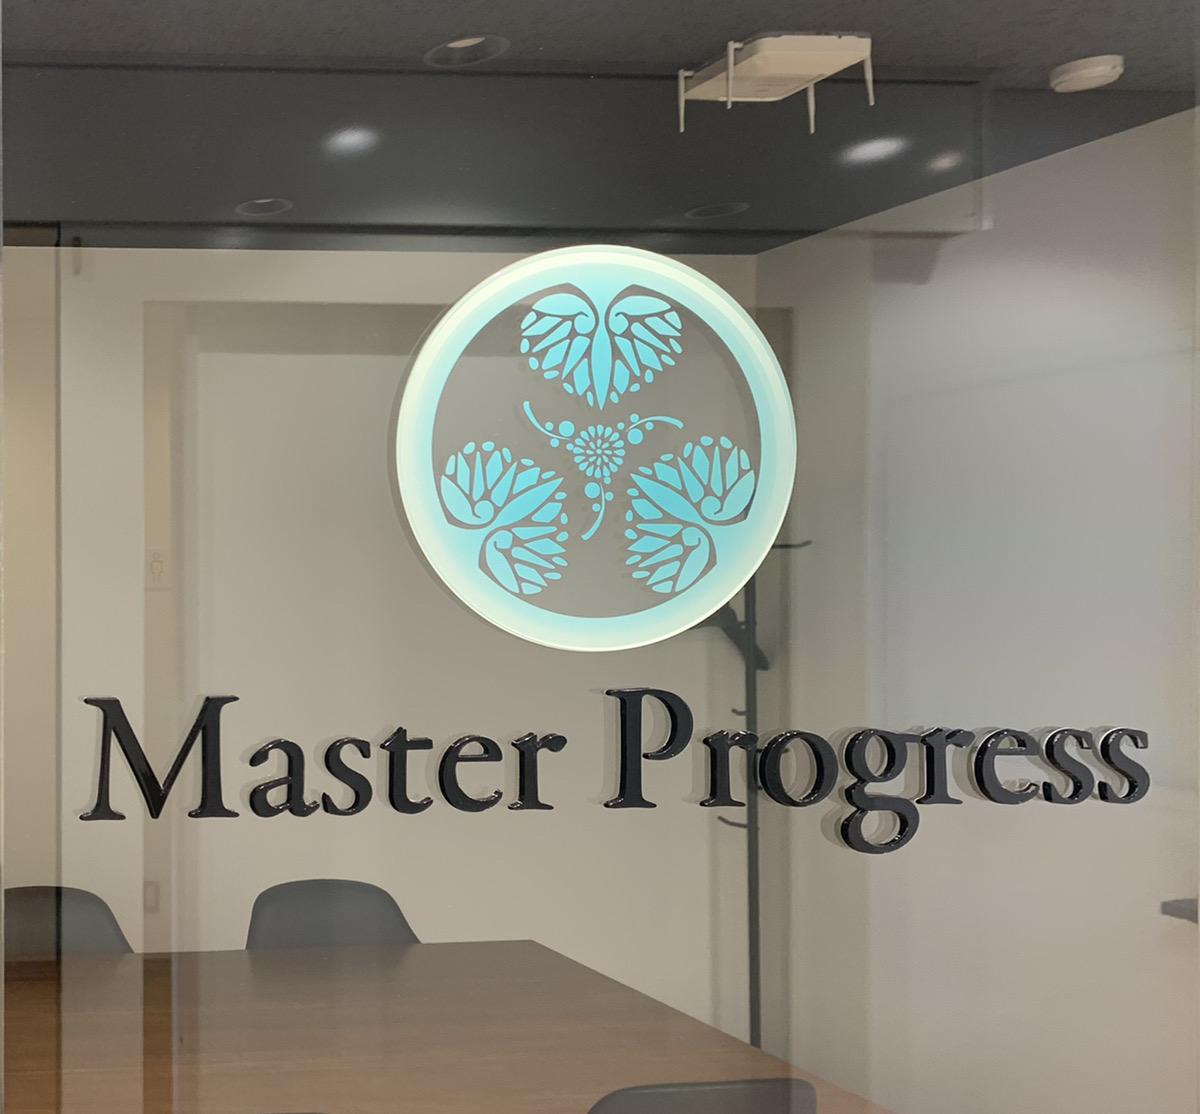 f:id:masterprogress:20210427095112j:plain